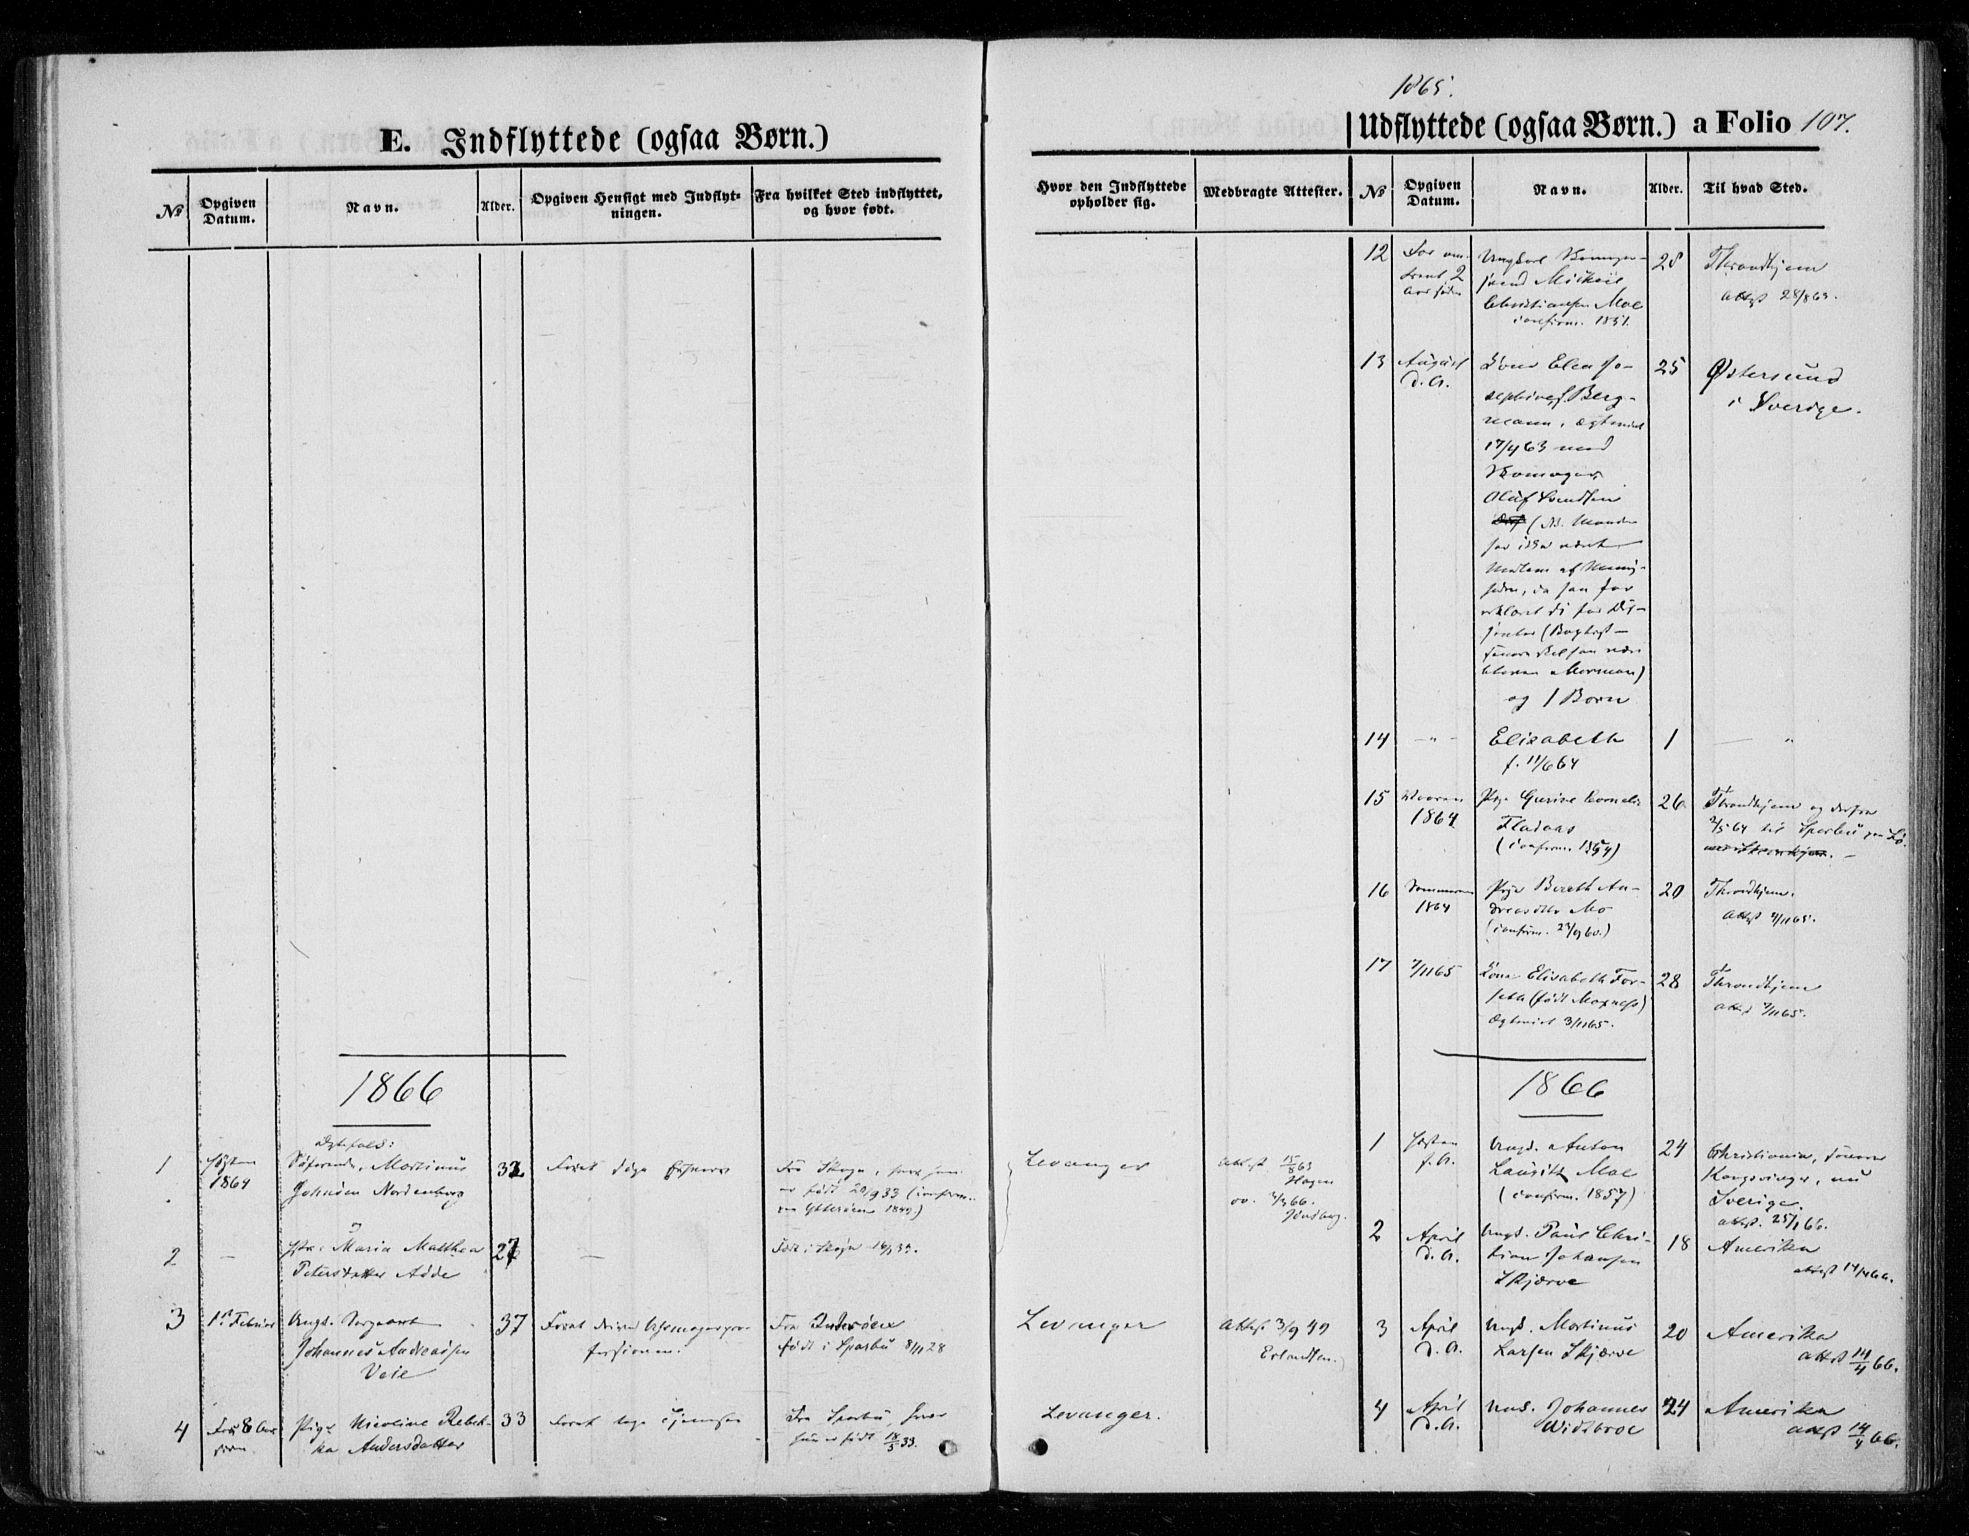 SAT, Ministerialprotokoller, klokkerbøker og fødselsregistre - Nord-Trøndelag, 720/L0186: Ministerialbok nr. 720A03, 1864-1874, s. 107